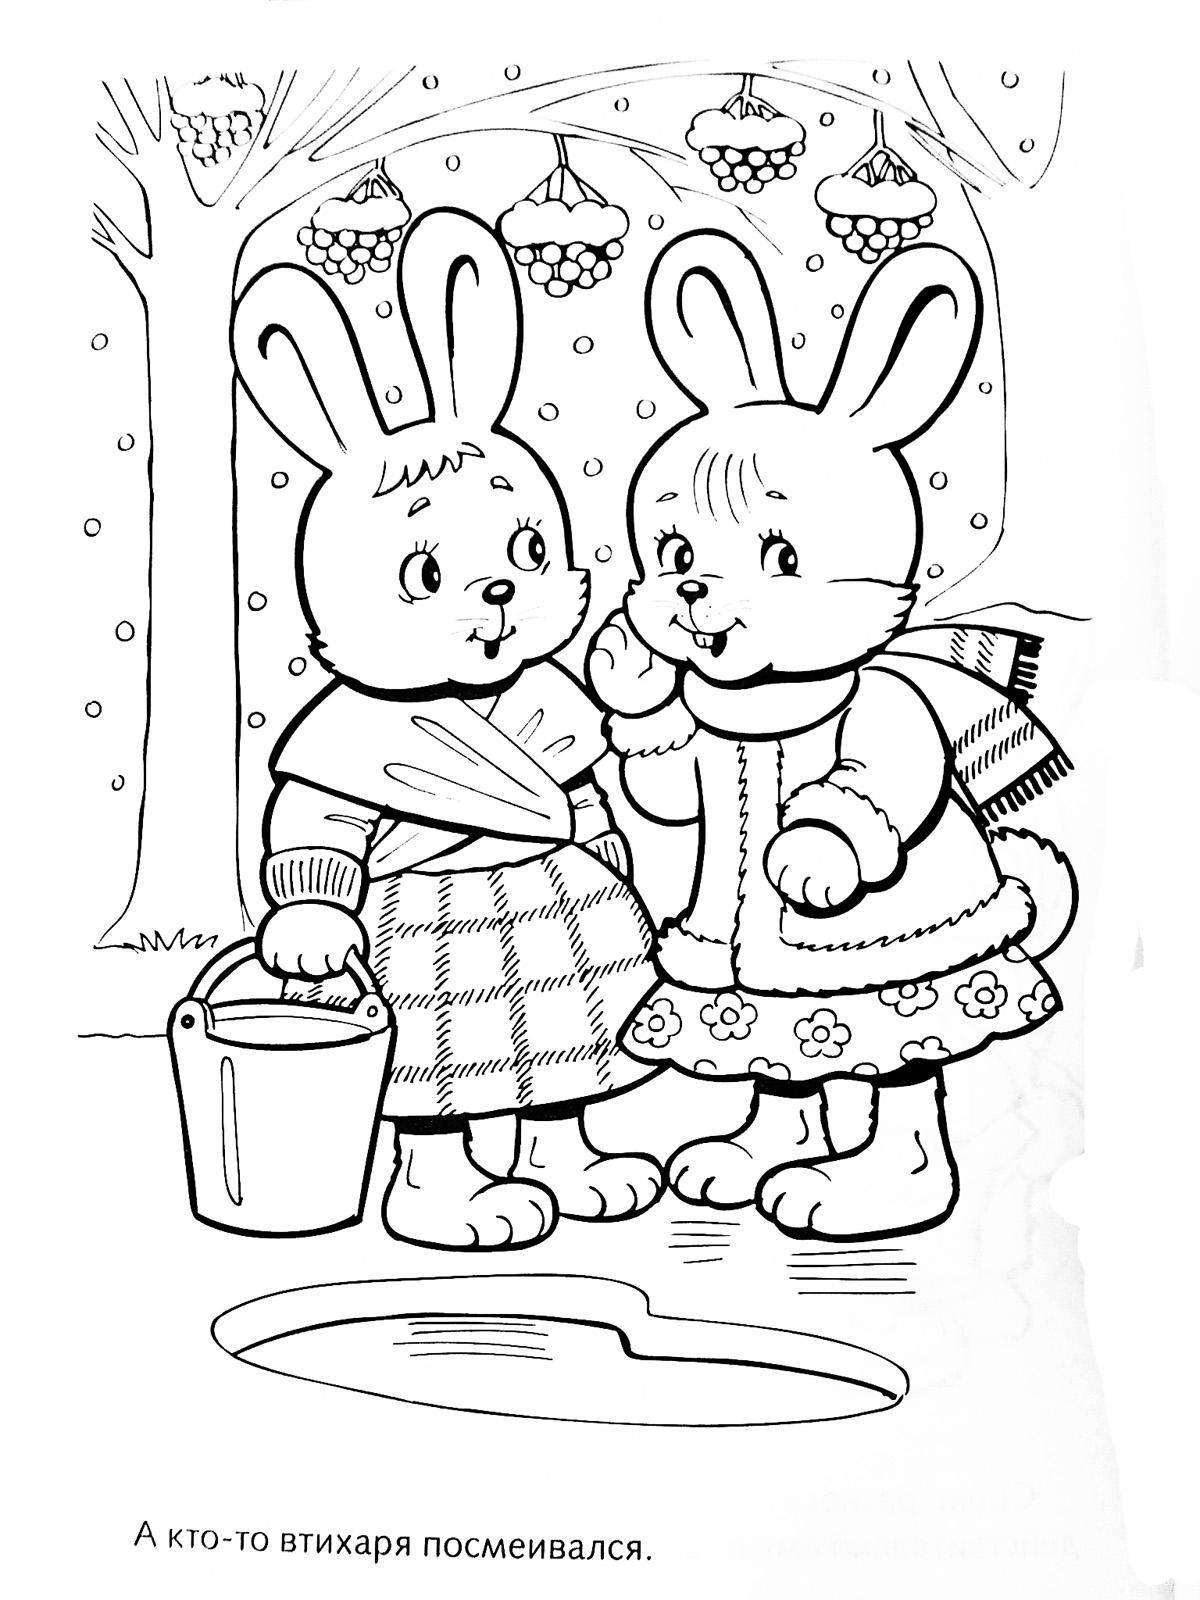 картинки к сказке заяц хваста для раскрашивания эту